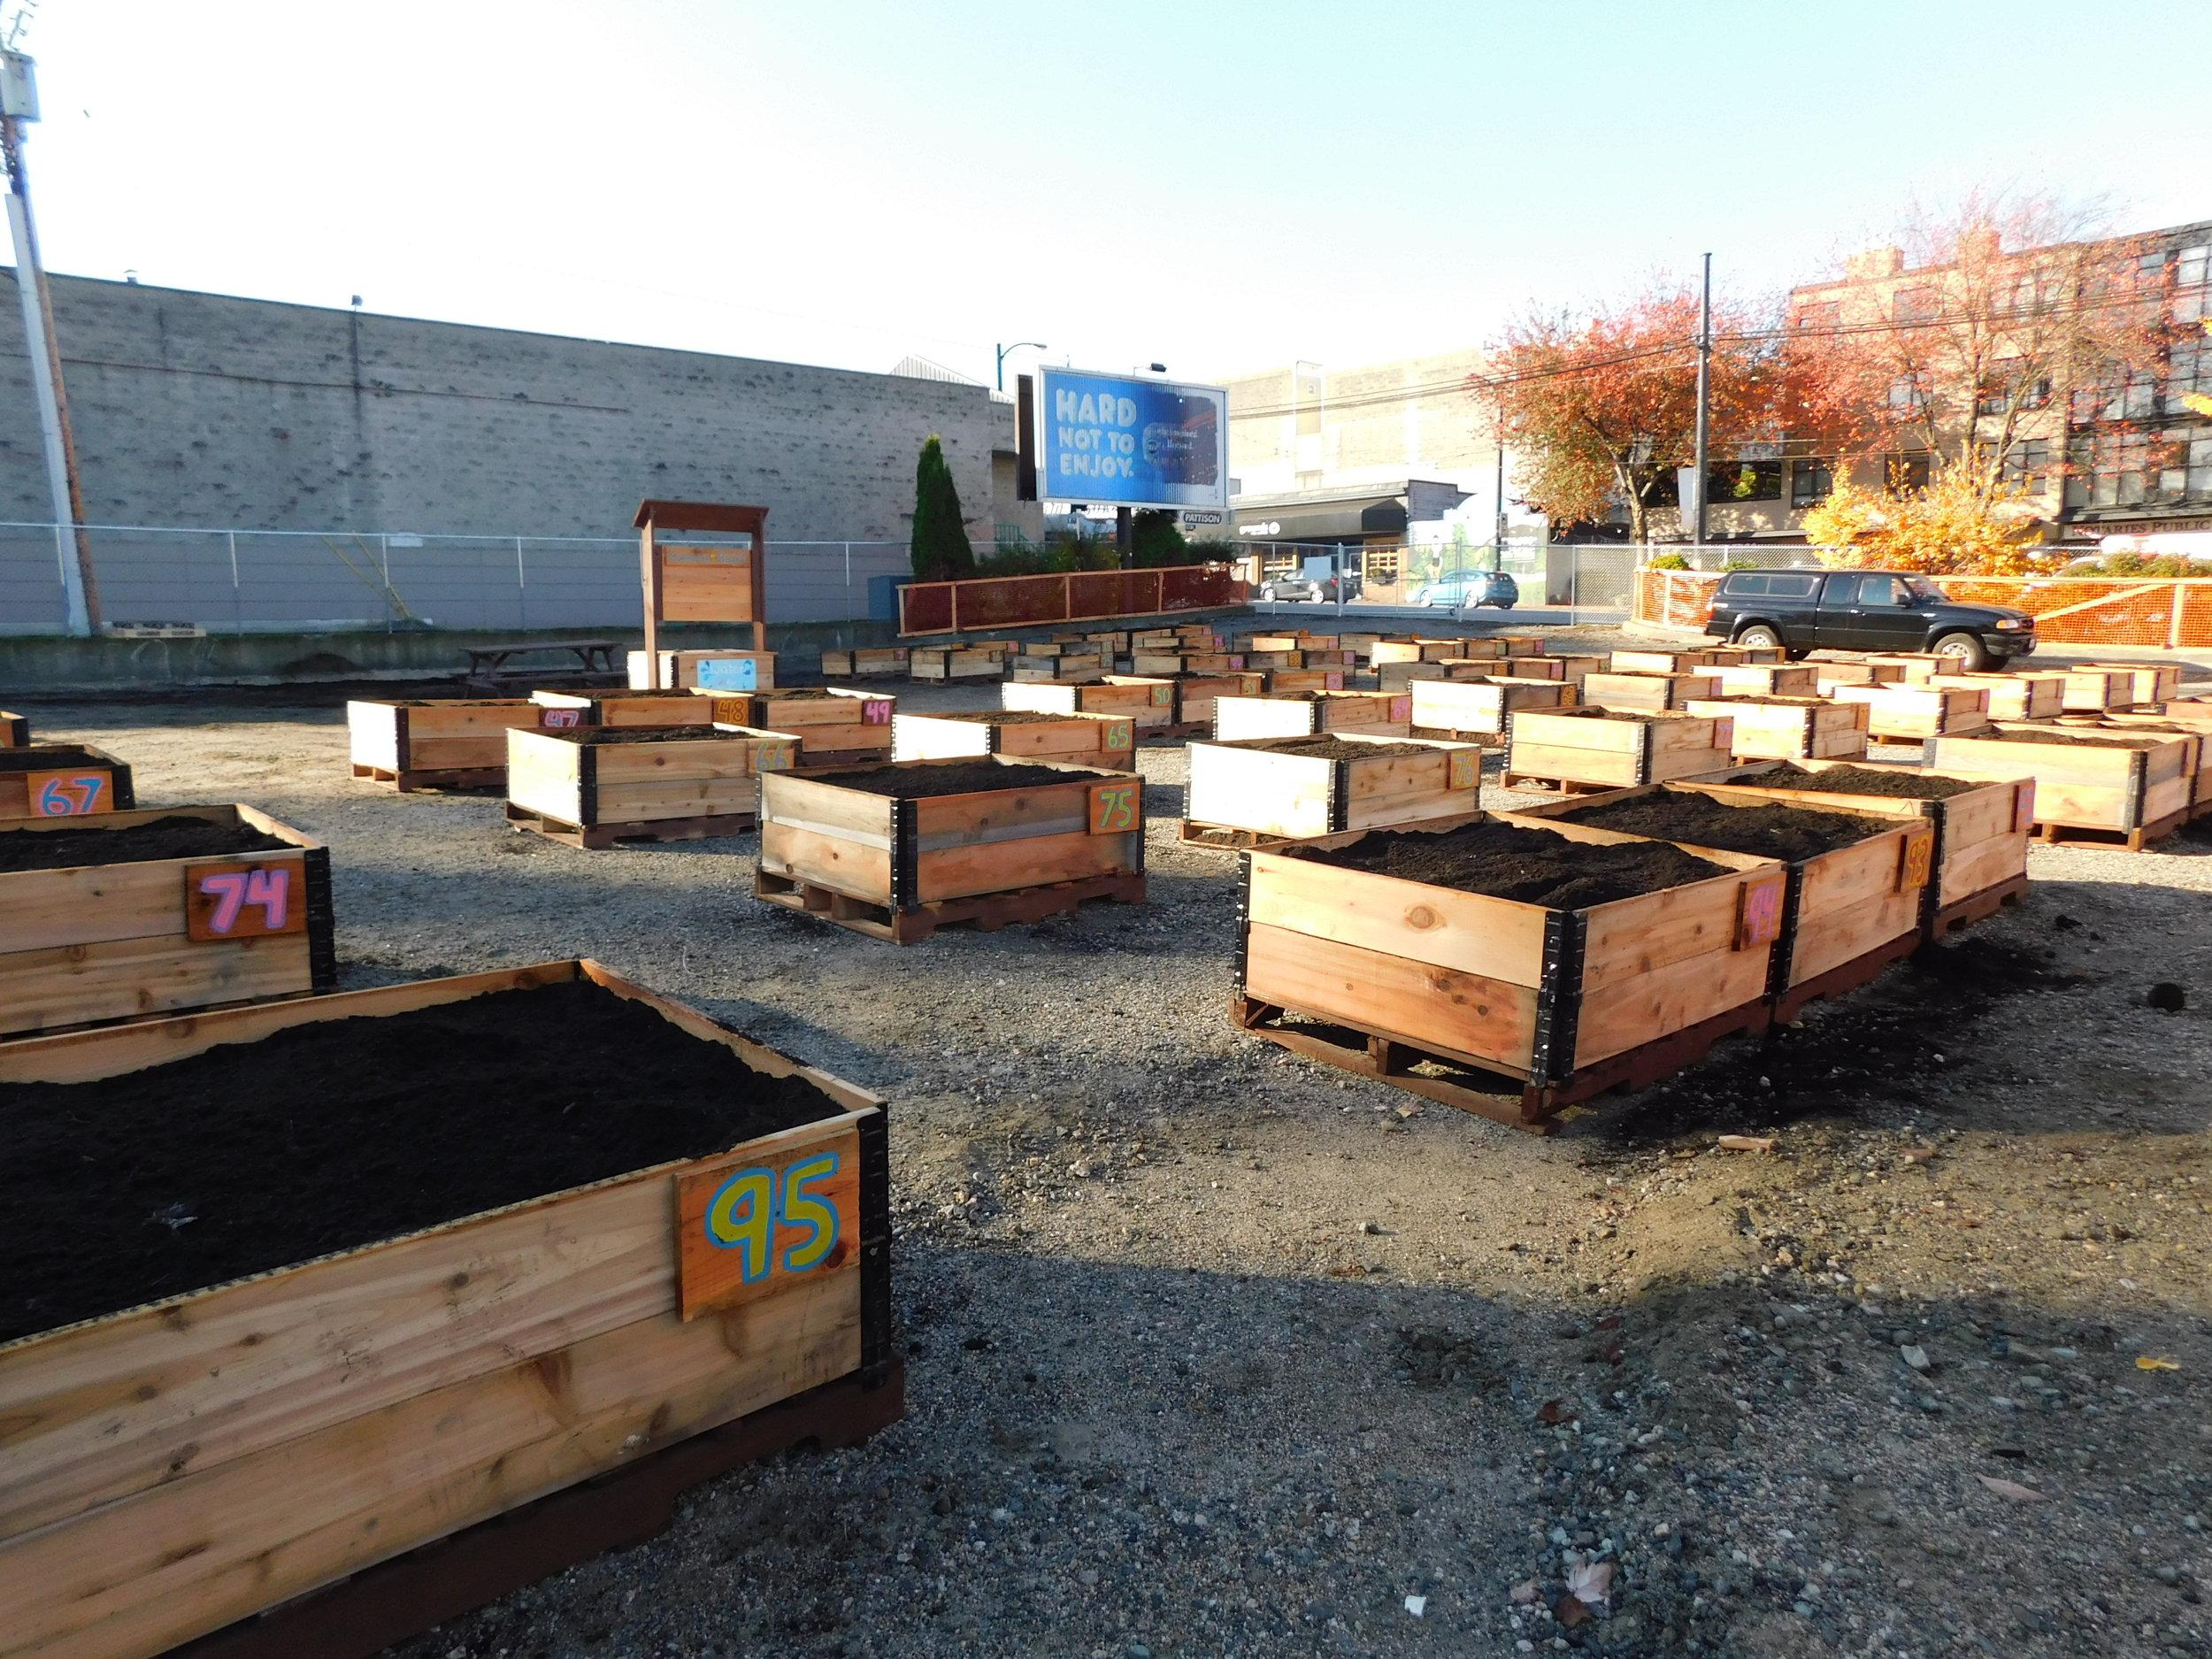 Broadway_Alma_Vancouver_Community_Garden_Builders-0009.JPG